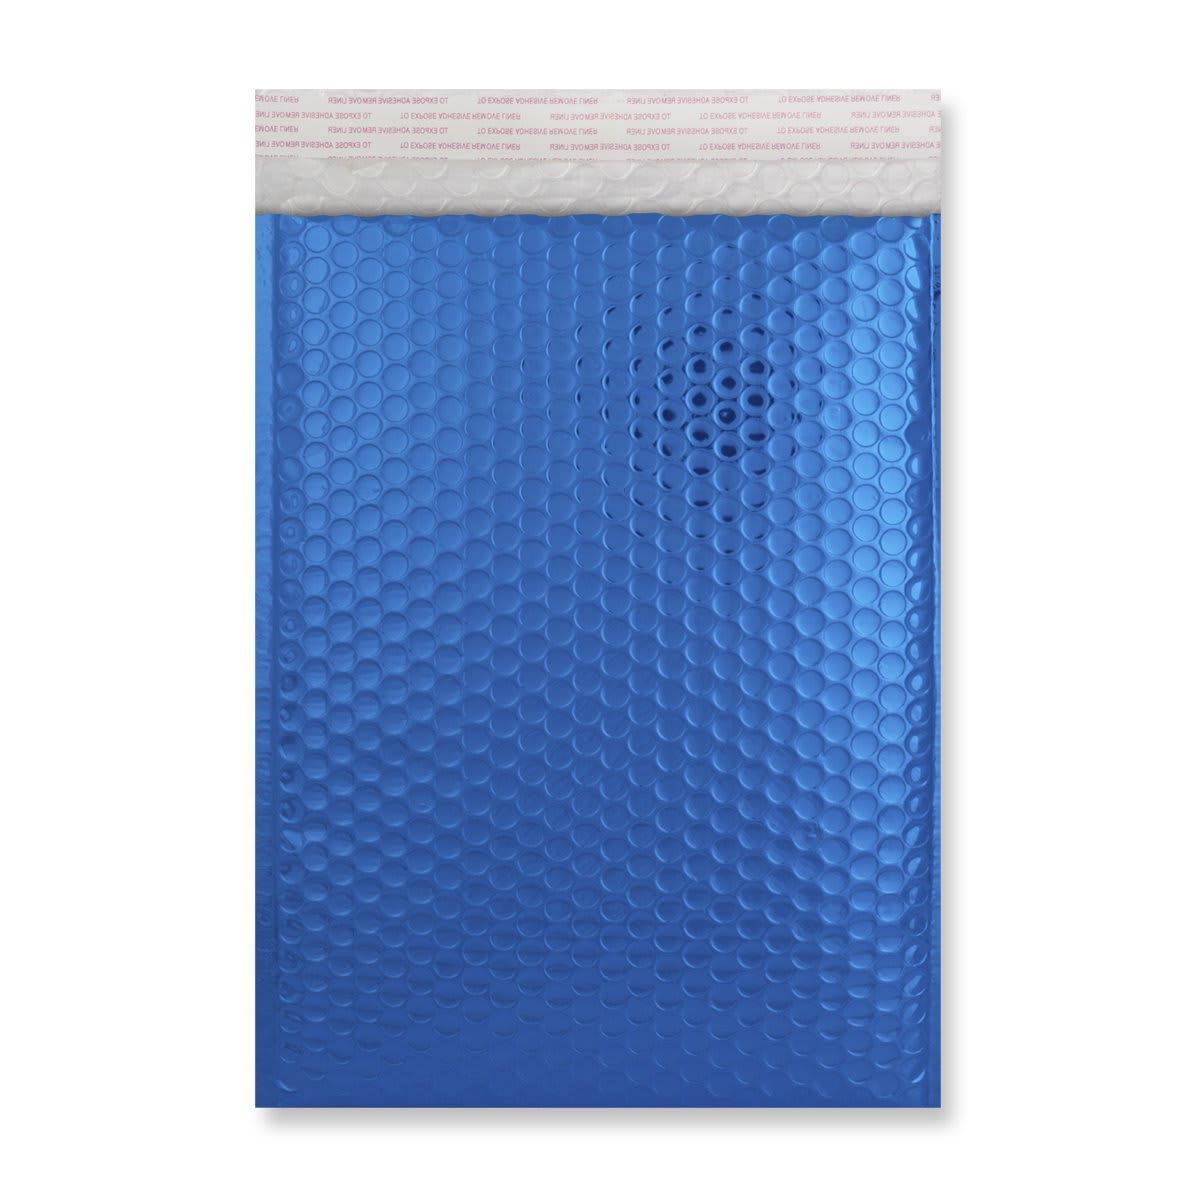 C4 GLOSS METALLIC BLUE PADDED ENVELOPES (324 x 230MM)